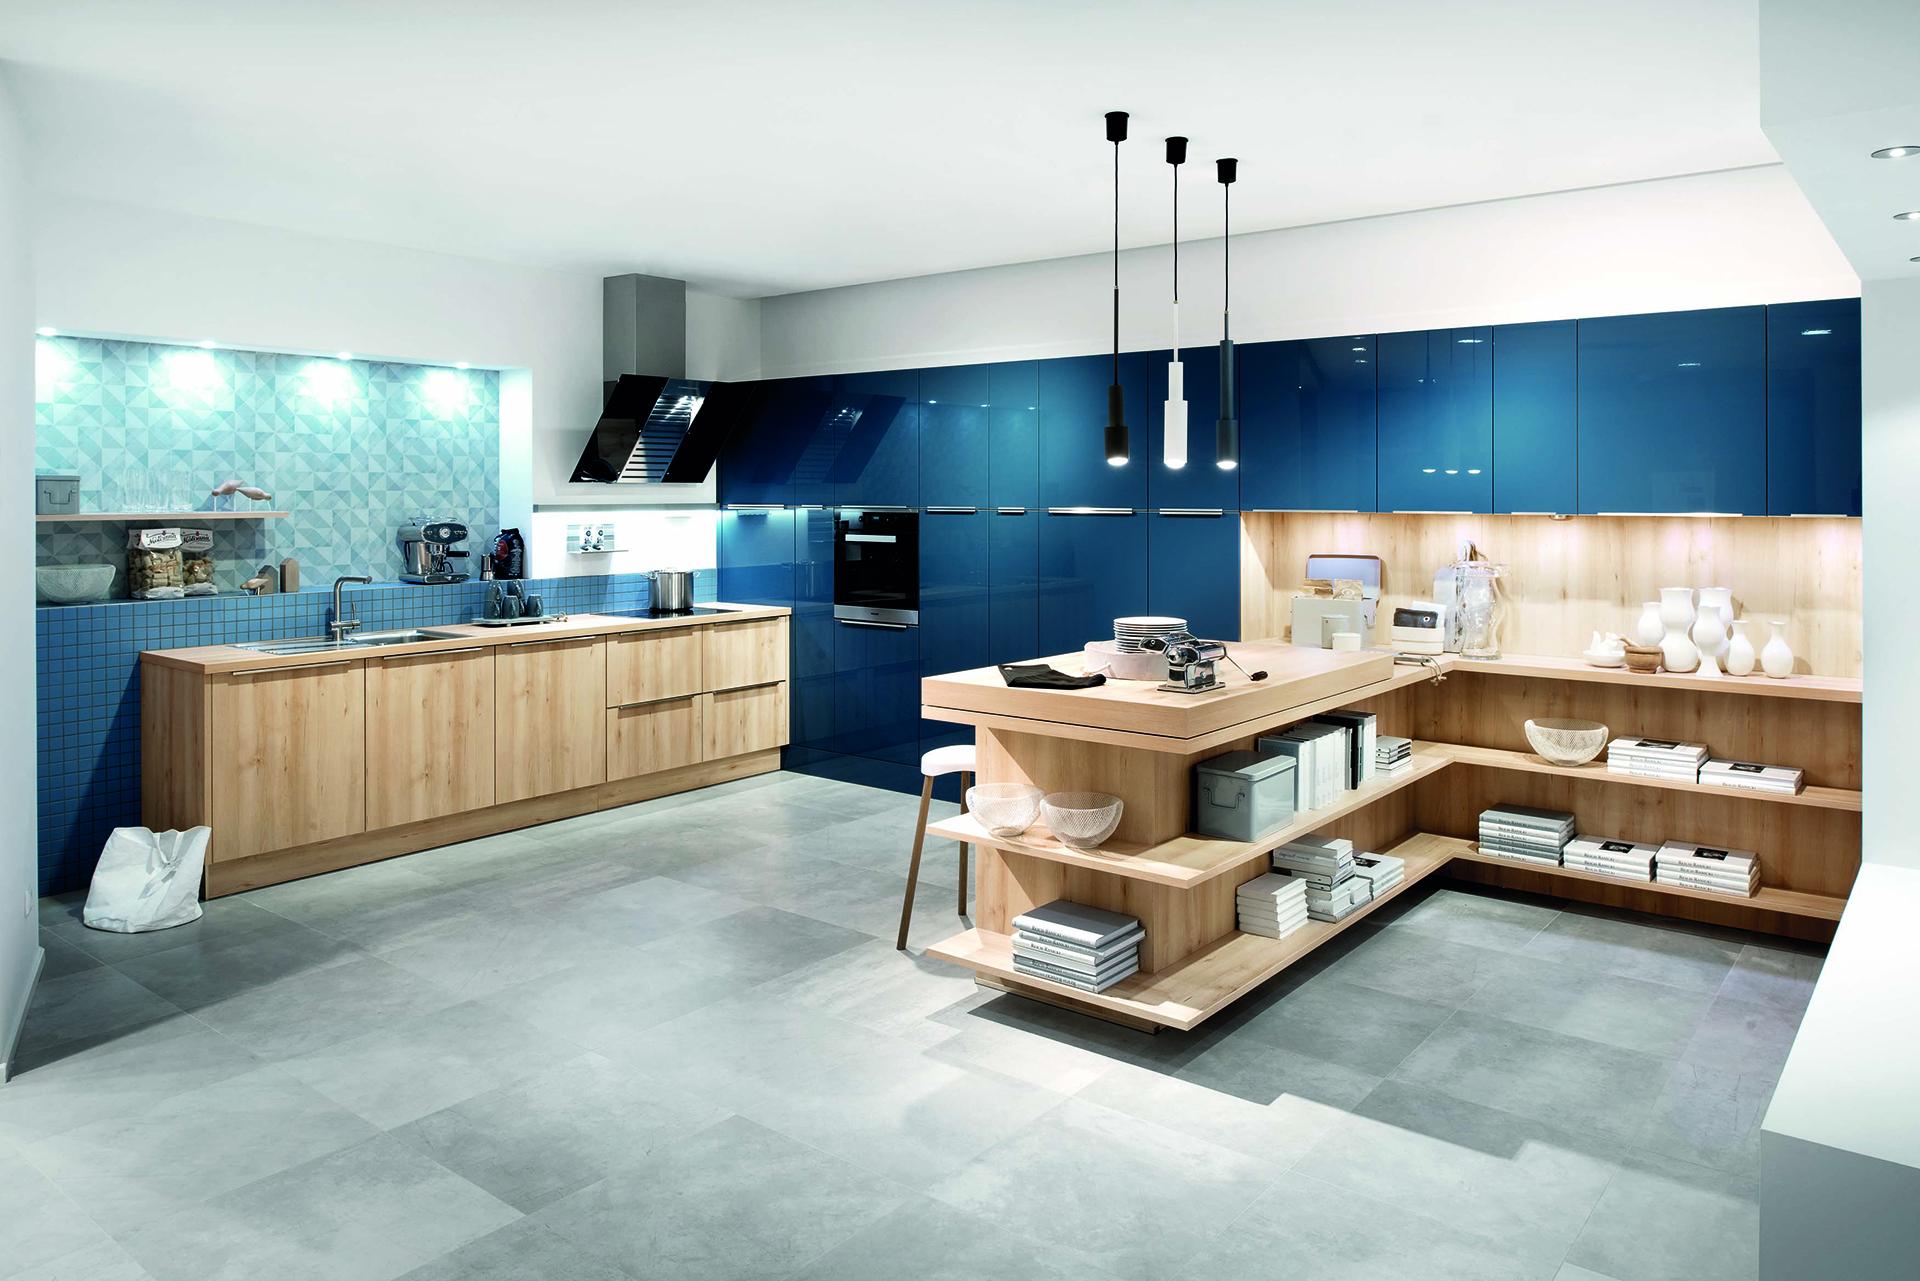 Erfreut Traum Küchen Inc Nh Zeitgenössisch - Küche Set Ideen ...